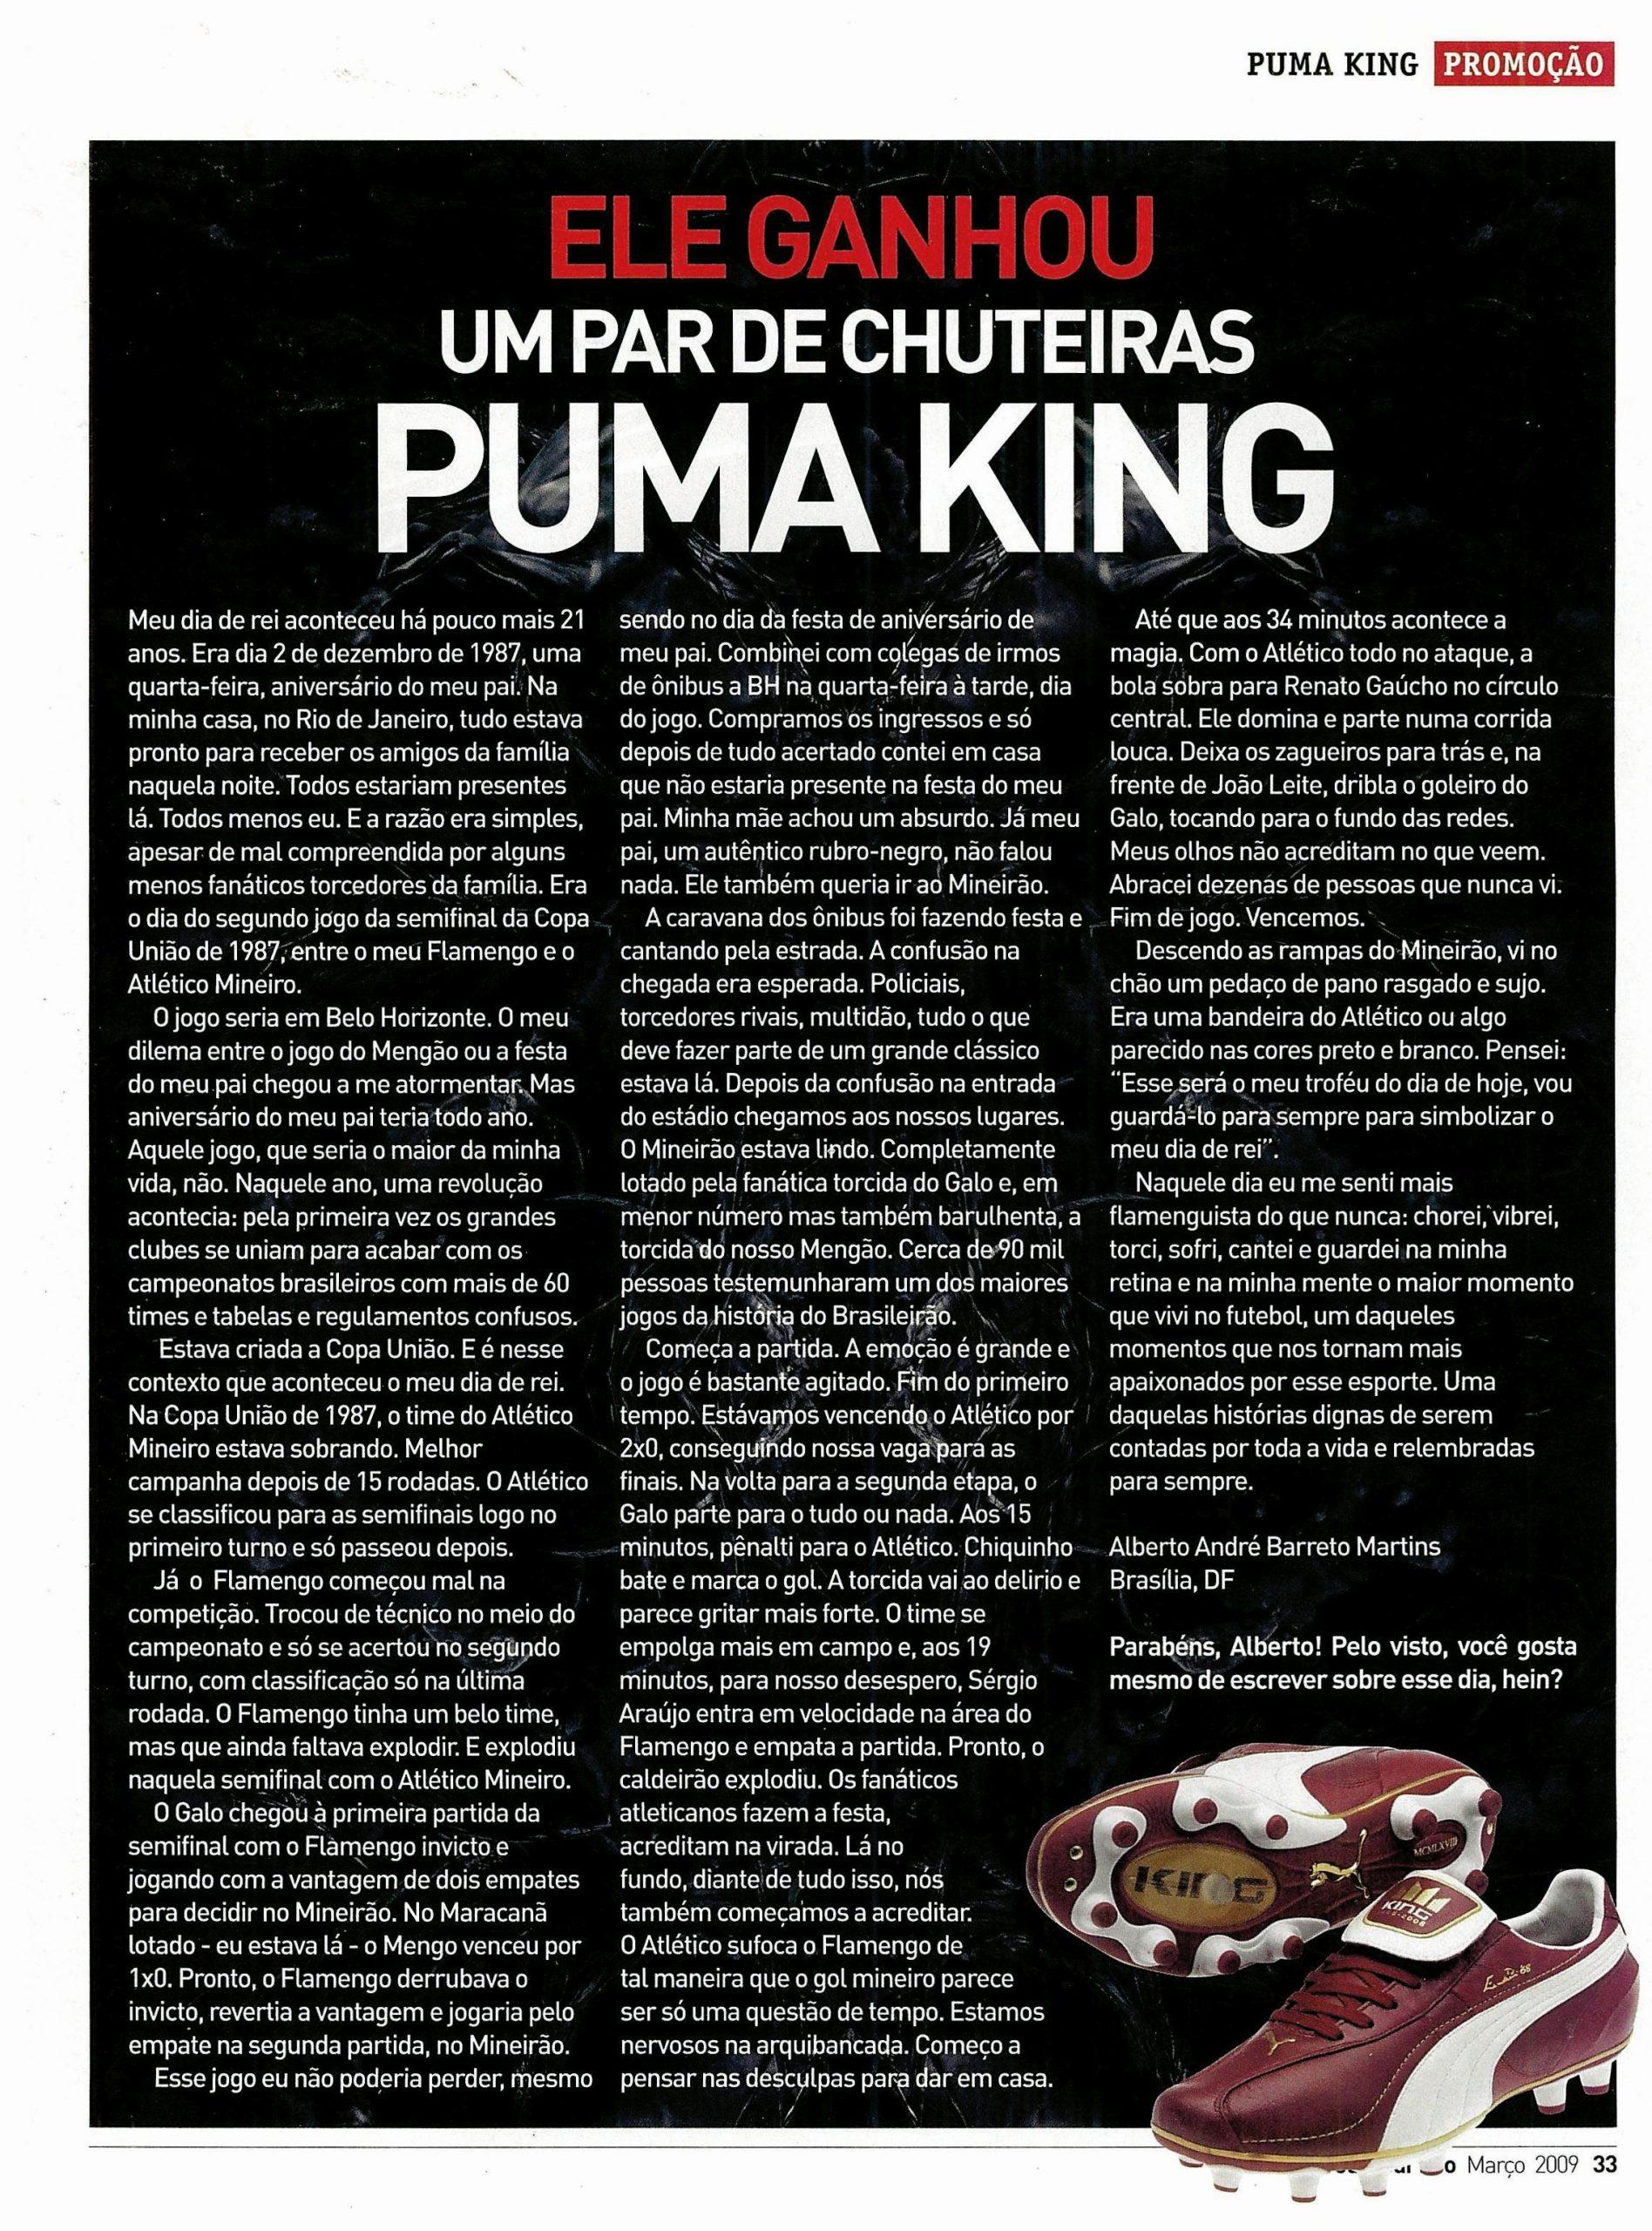 Read more about the article Ele ganhou um par de chuteiras PUMA KING